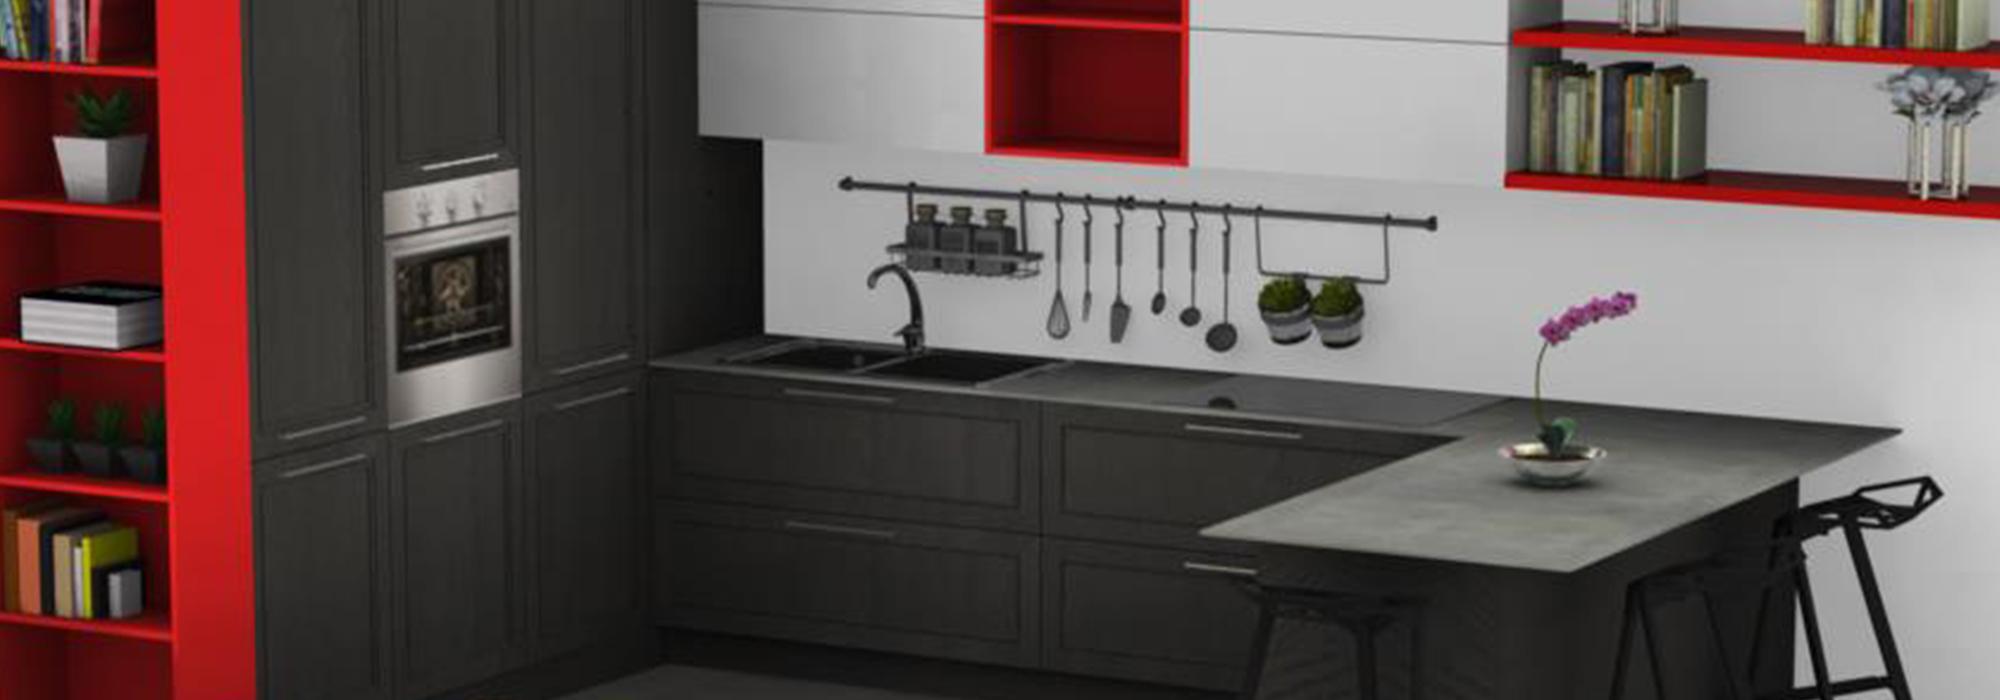 Cucine Per Piccoli Spazi.Le Cucine Componibili Soluzioni Vantaggiose Per Spazi Piccoli